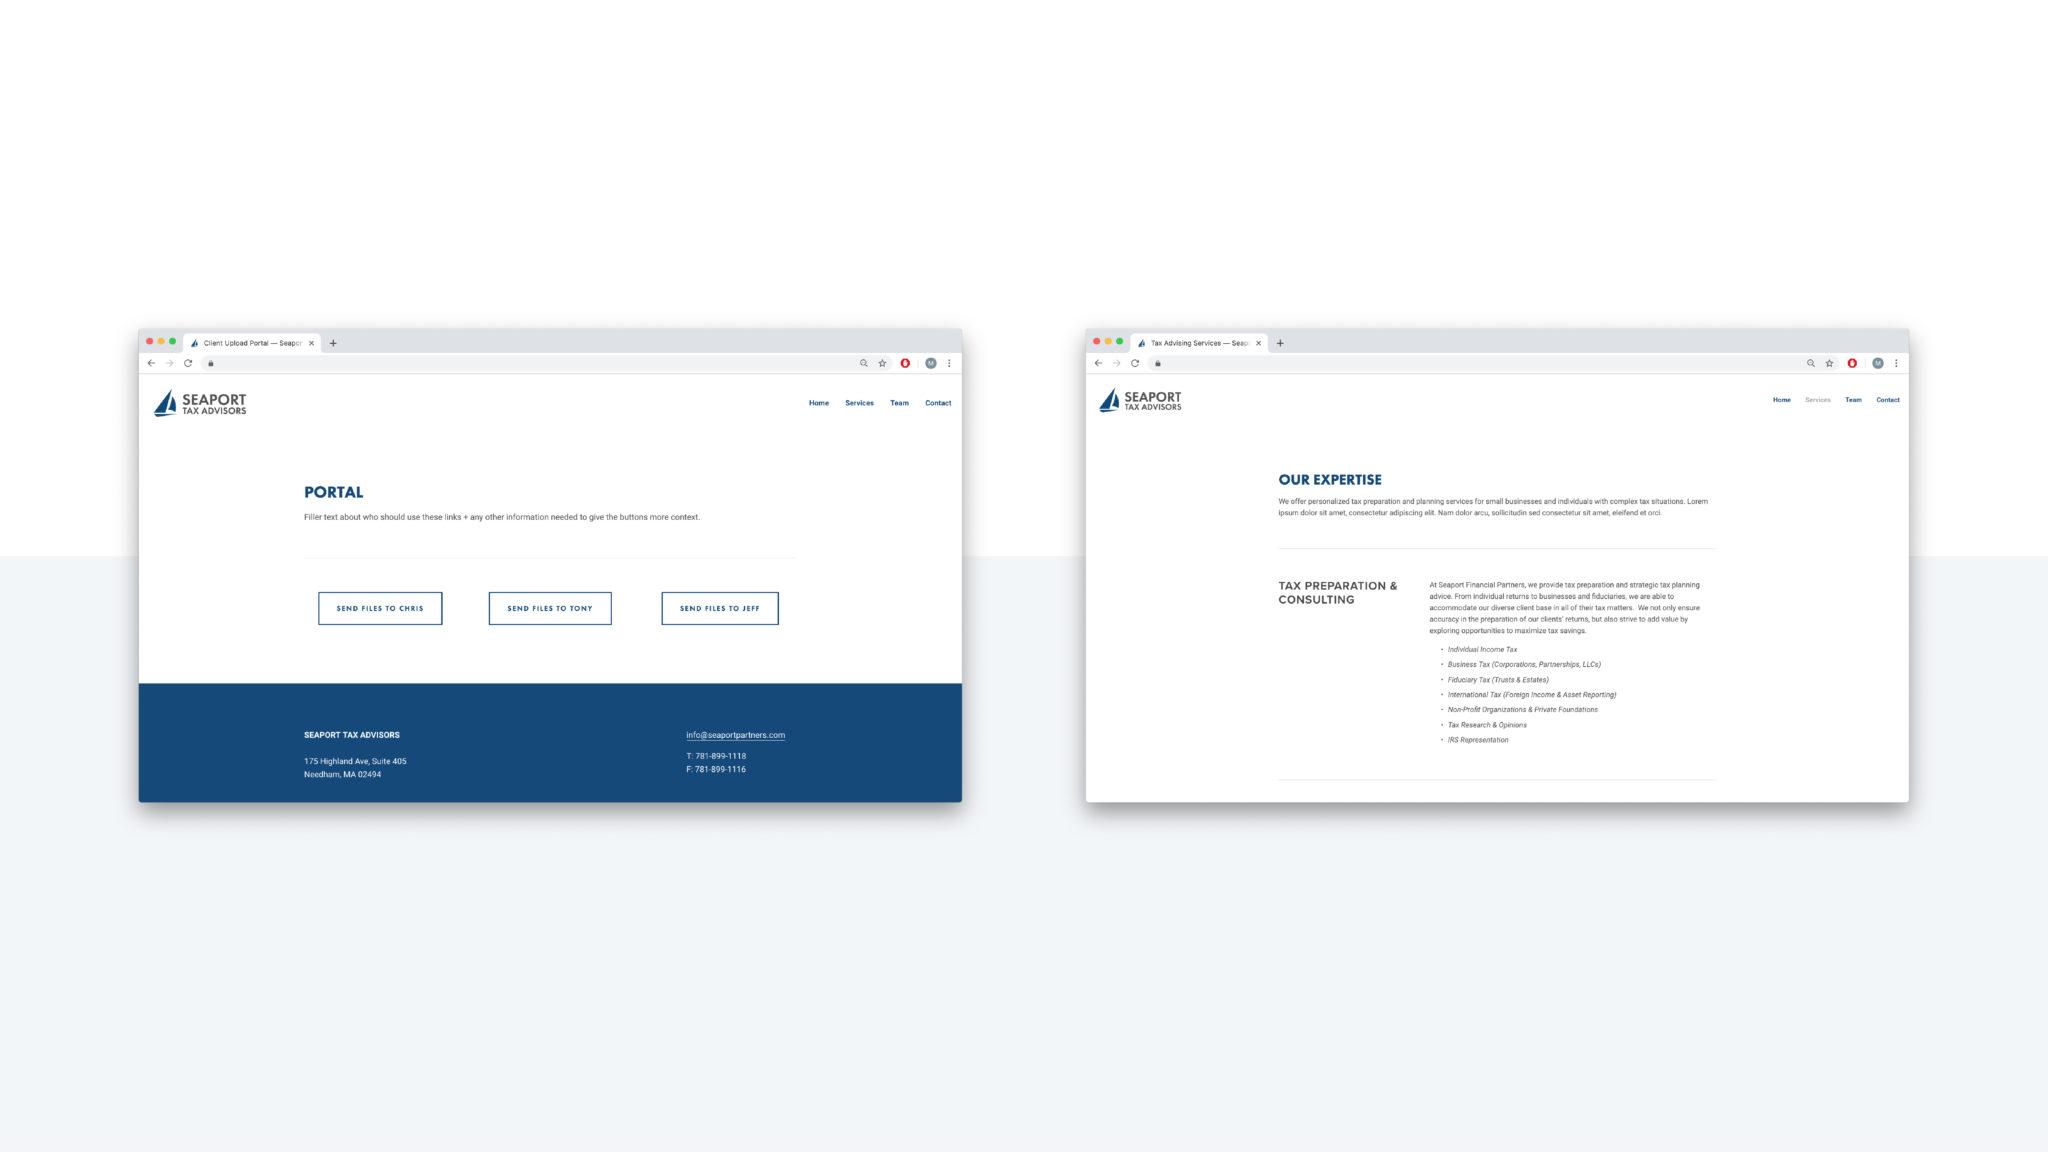 Seaport-Website-2